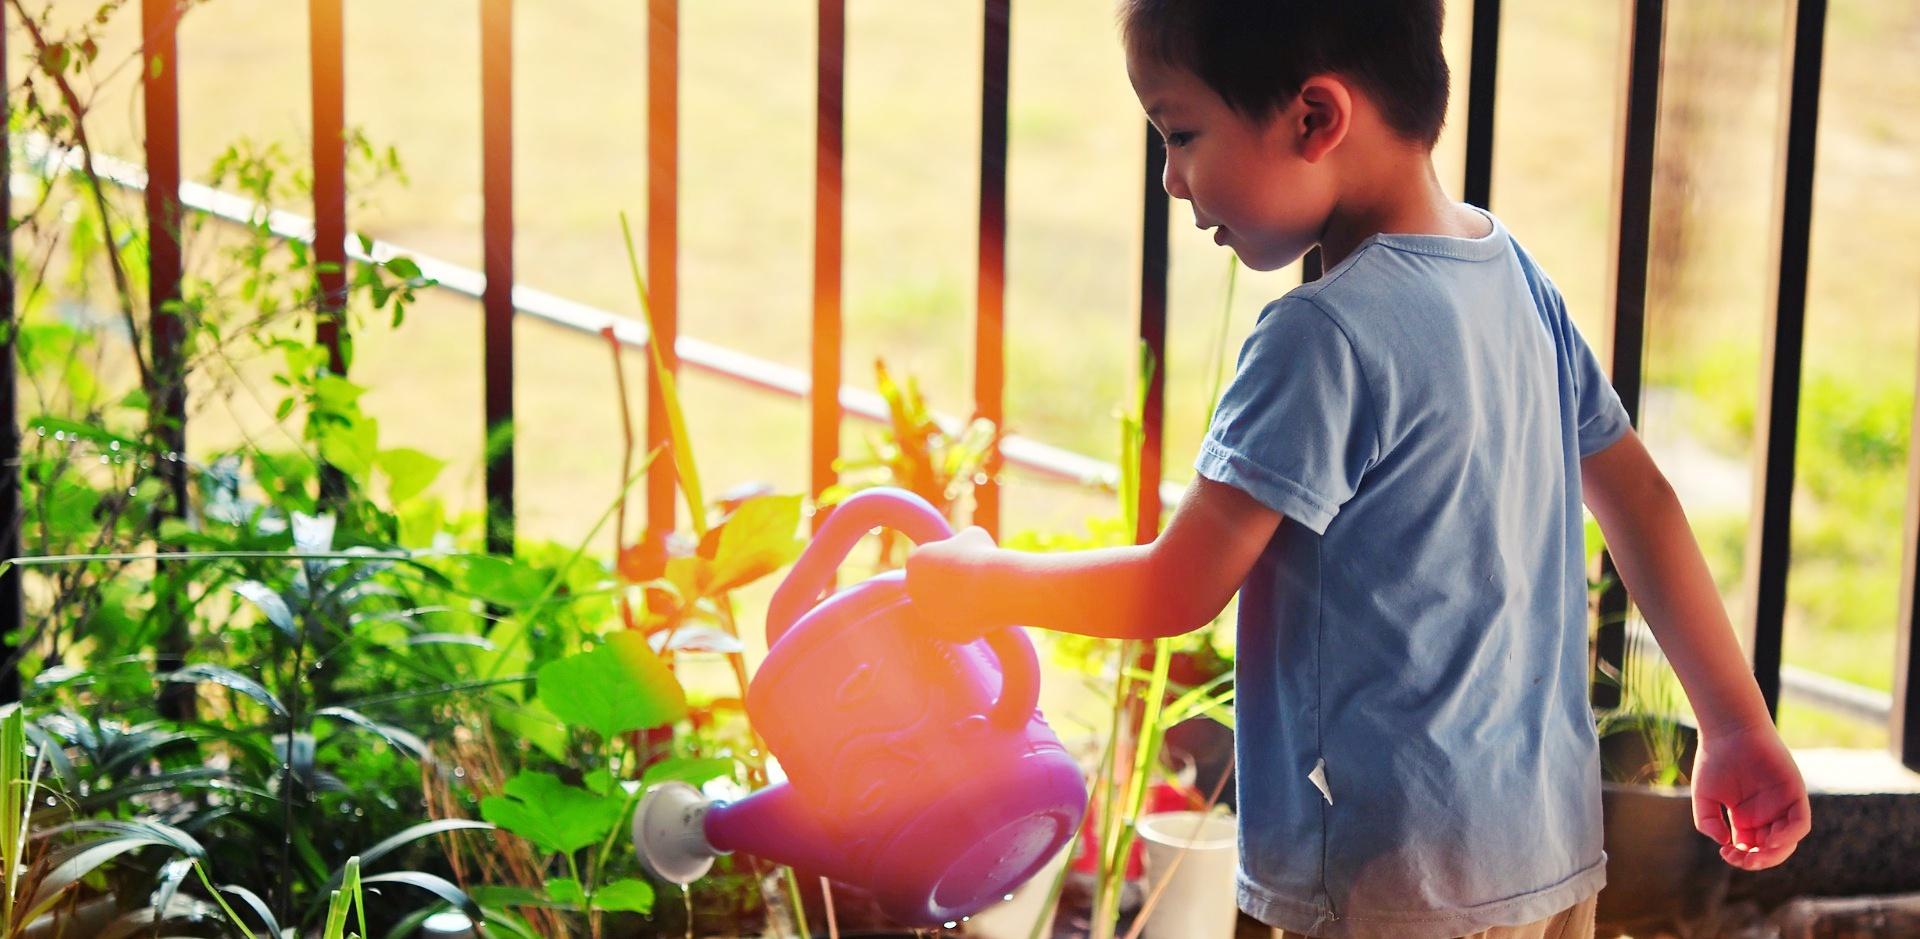 Otroci potrebujejo vrt. Da spoznajo svežo zelenjavo in sadje. Da tekajo po travi in se znorijo. Da se lahko skrivajo in iščejo zaklade. Da spoznavajo hrošče